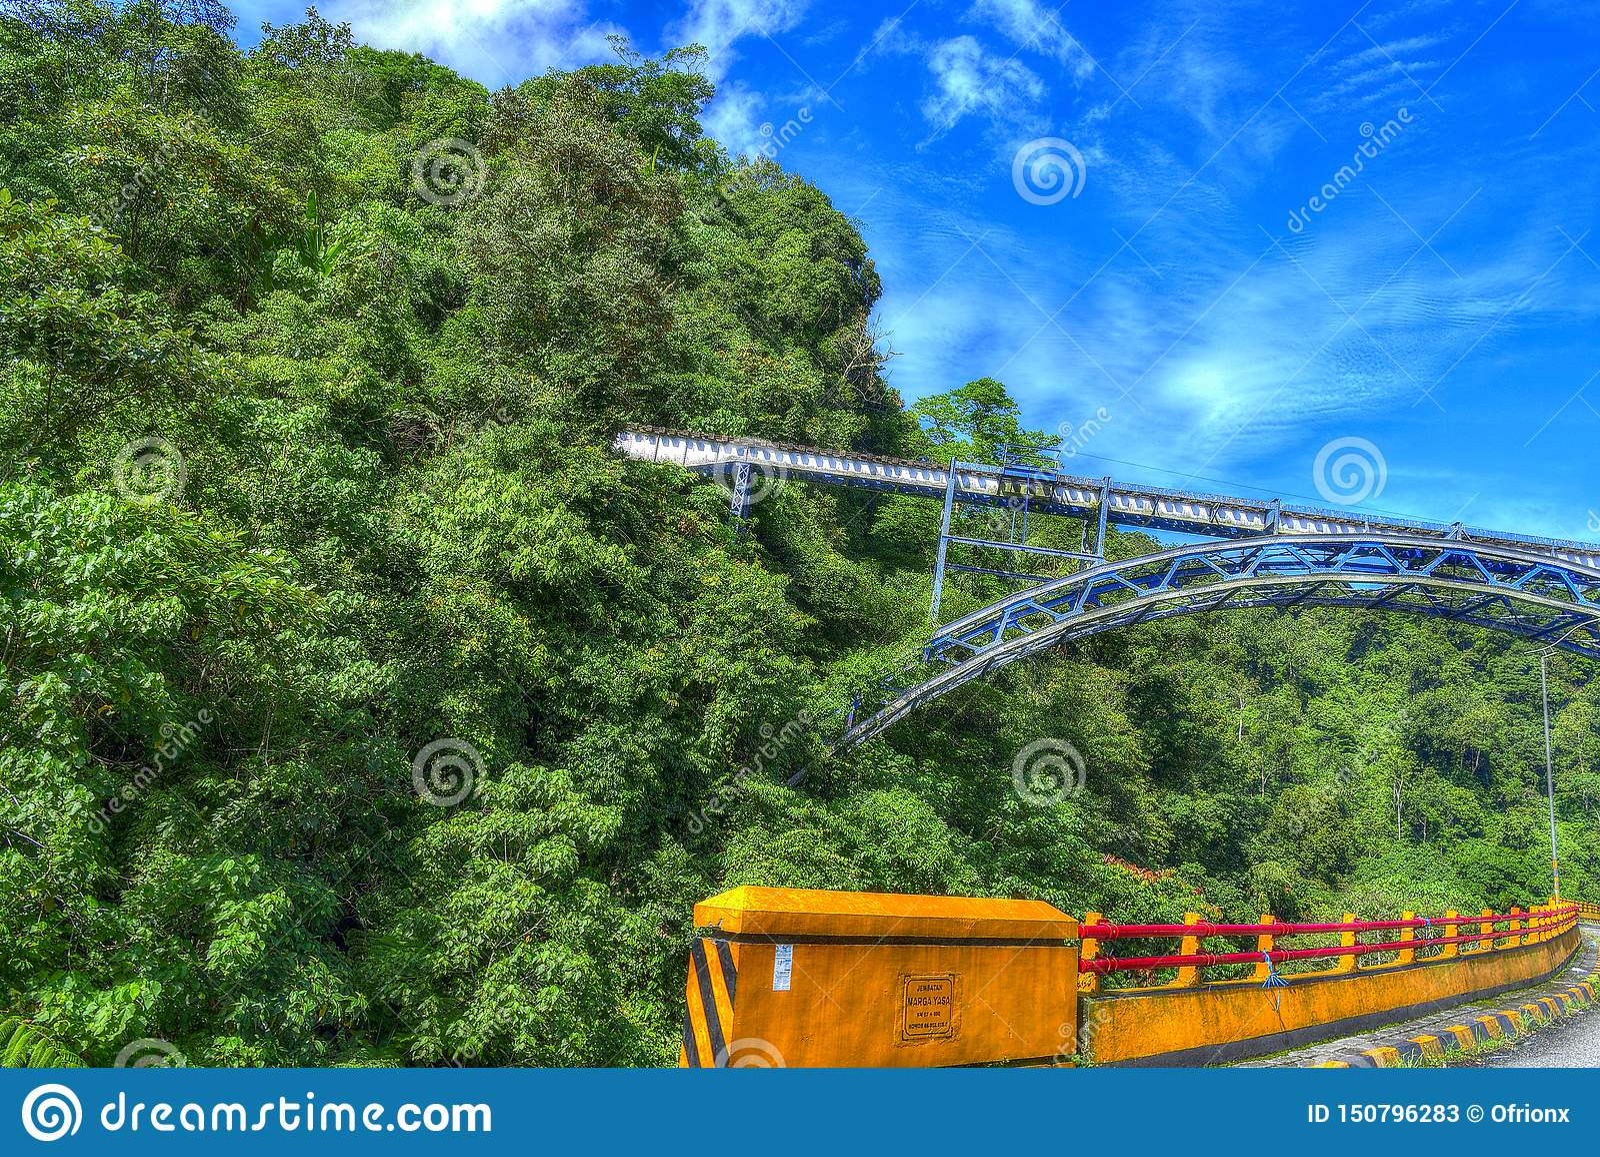 火车桥梁风景,虽然有汽车桥梁篱芭和天空蔚蓝的森林